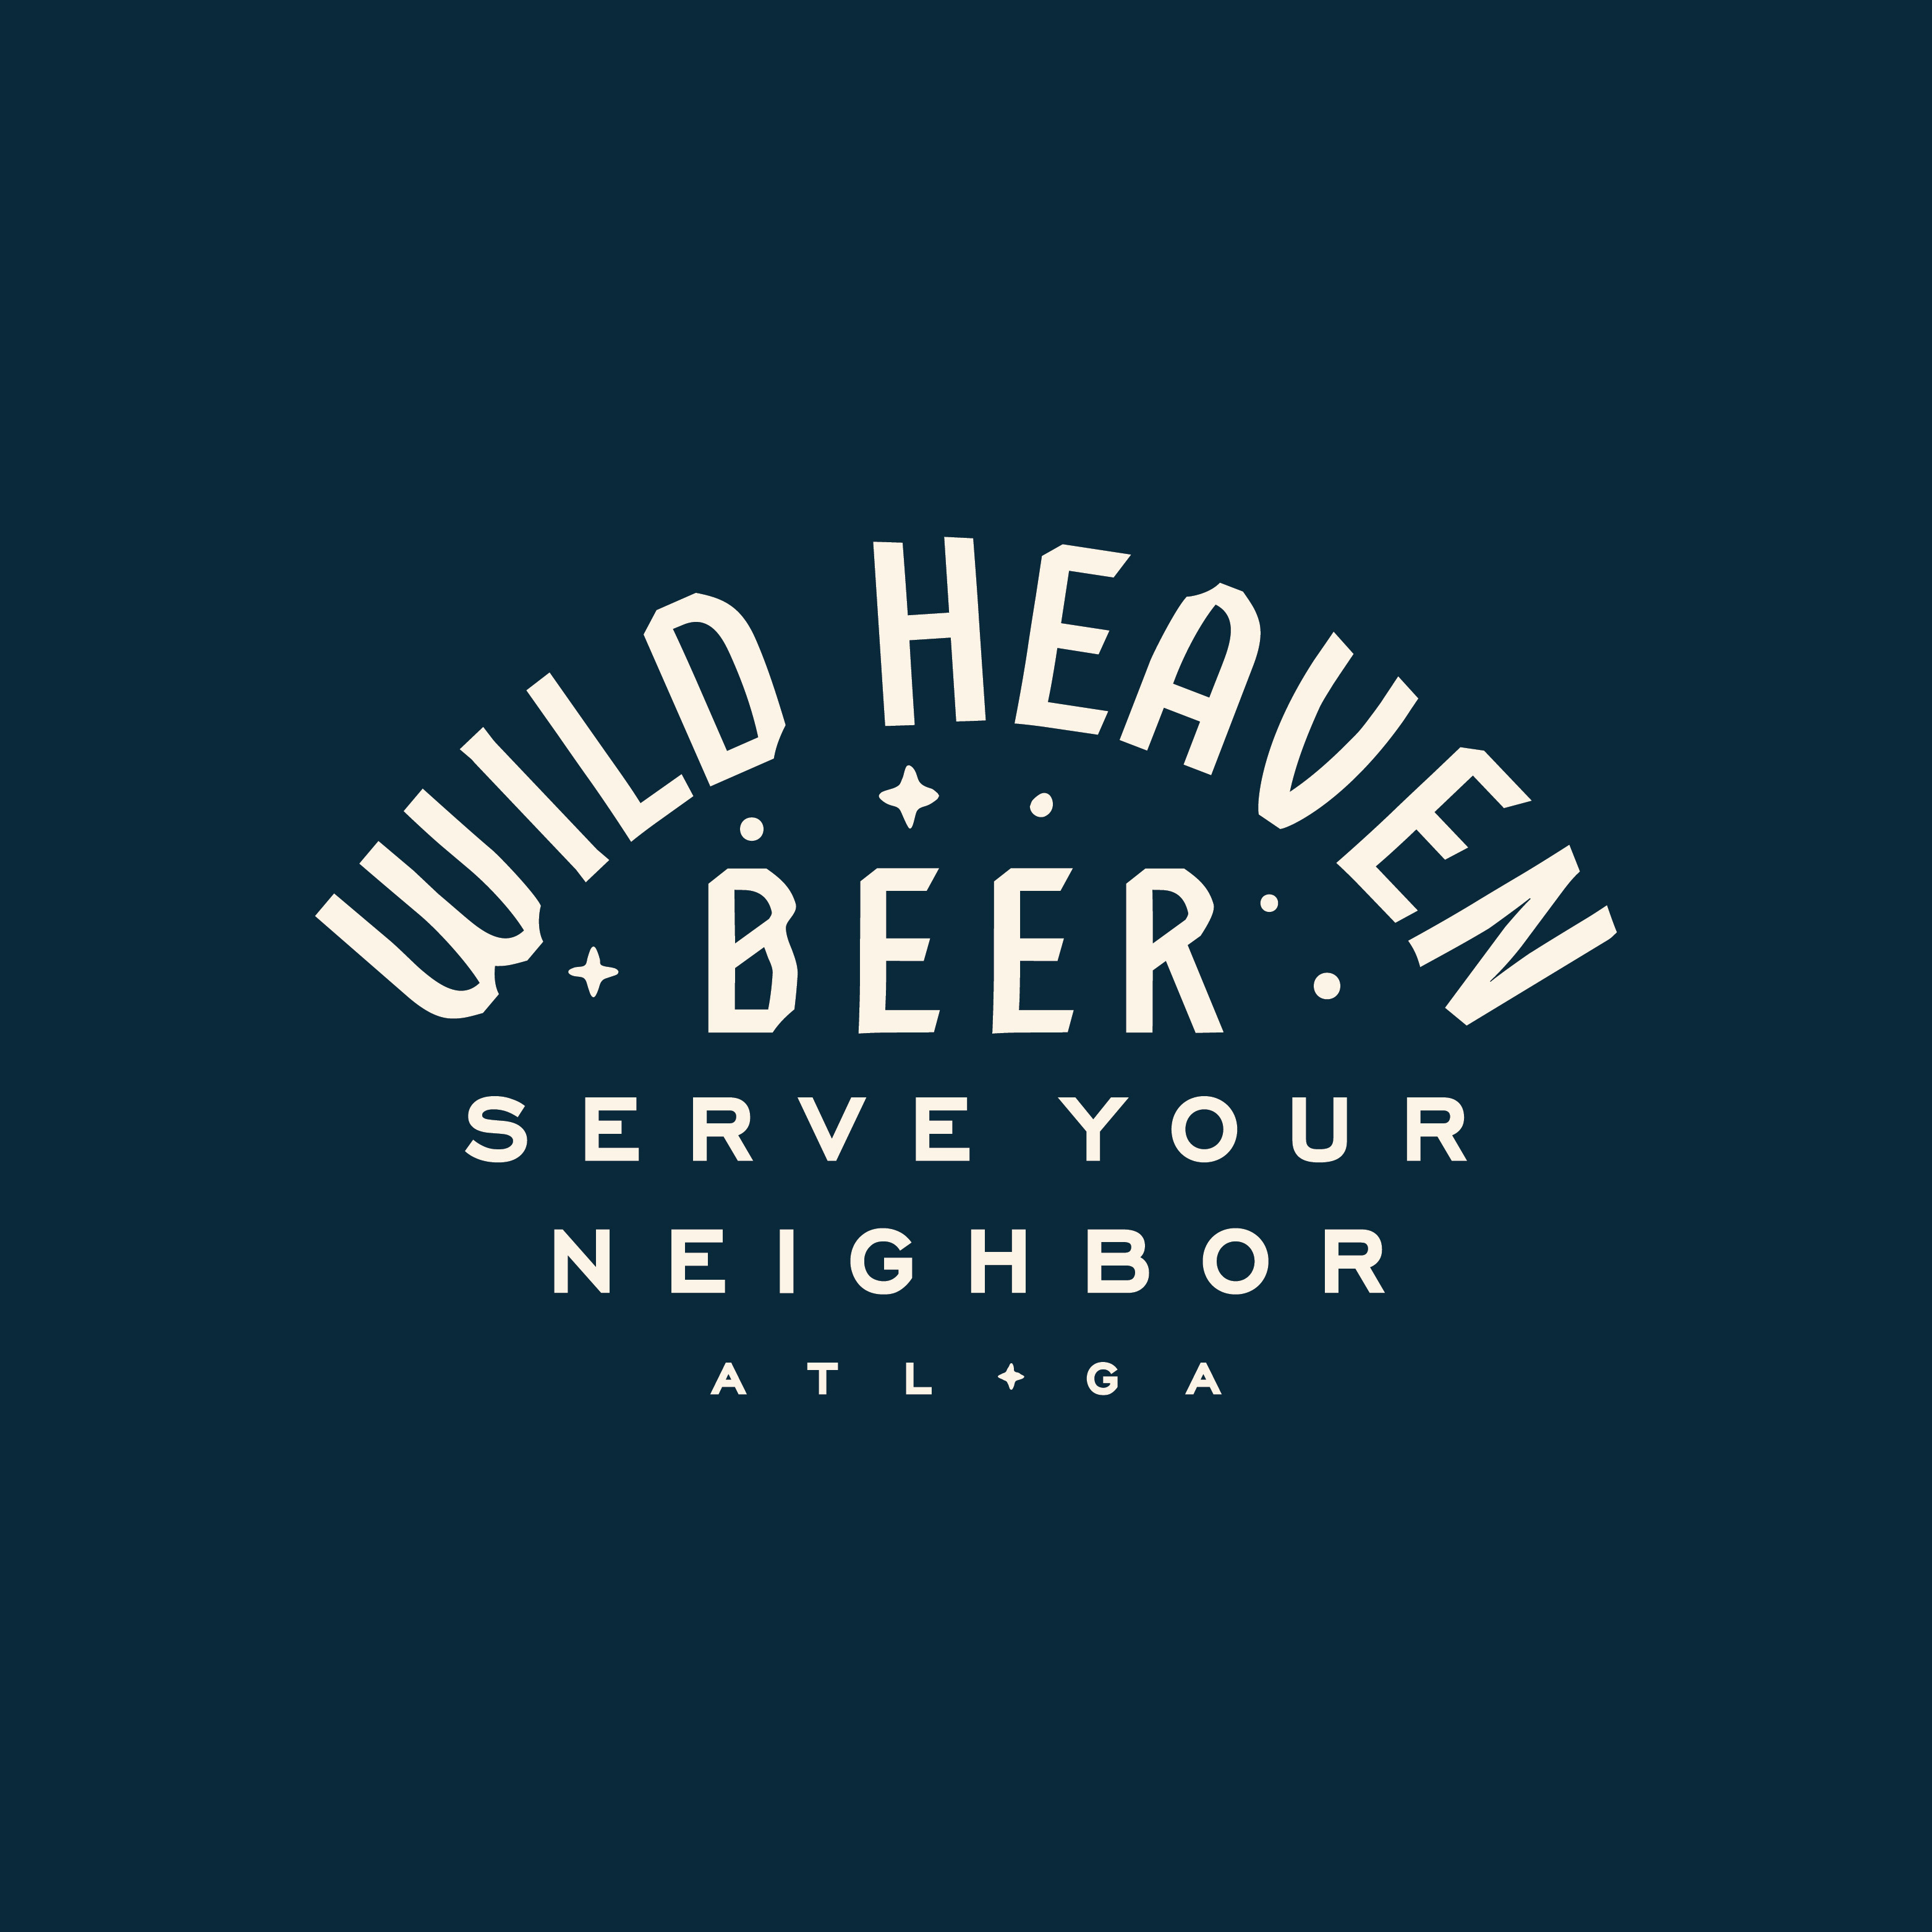 Wild Heaven Craft Beer Rebranding Grits Grids